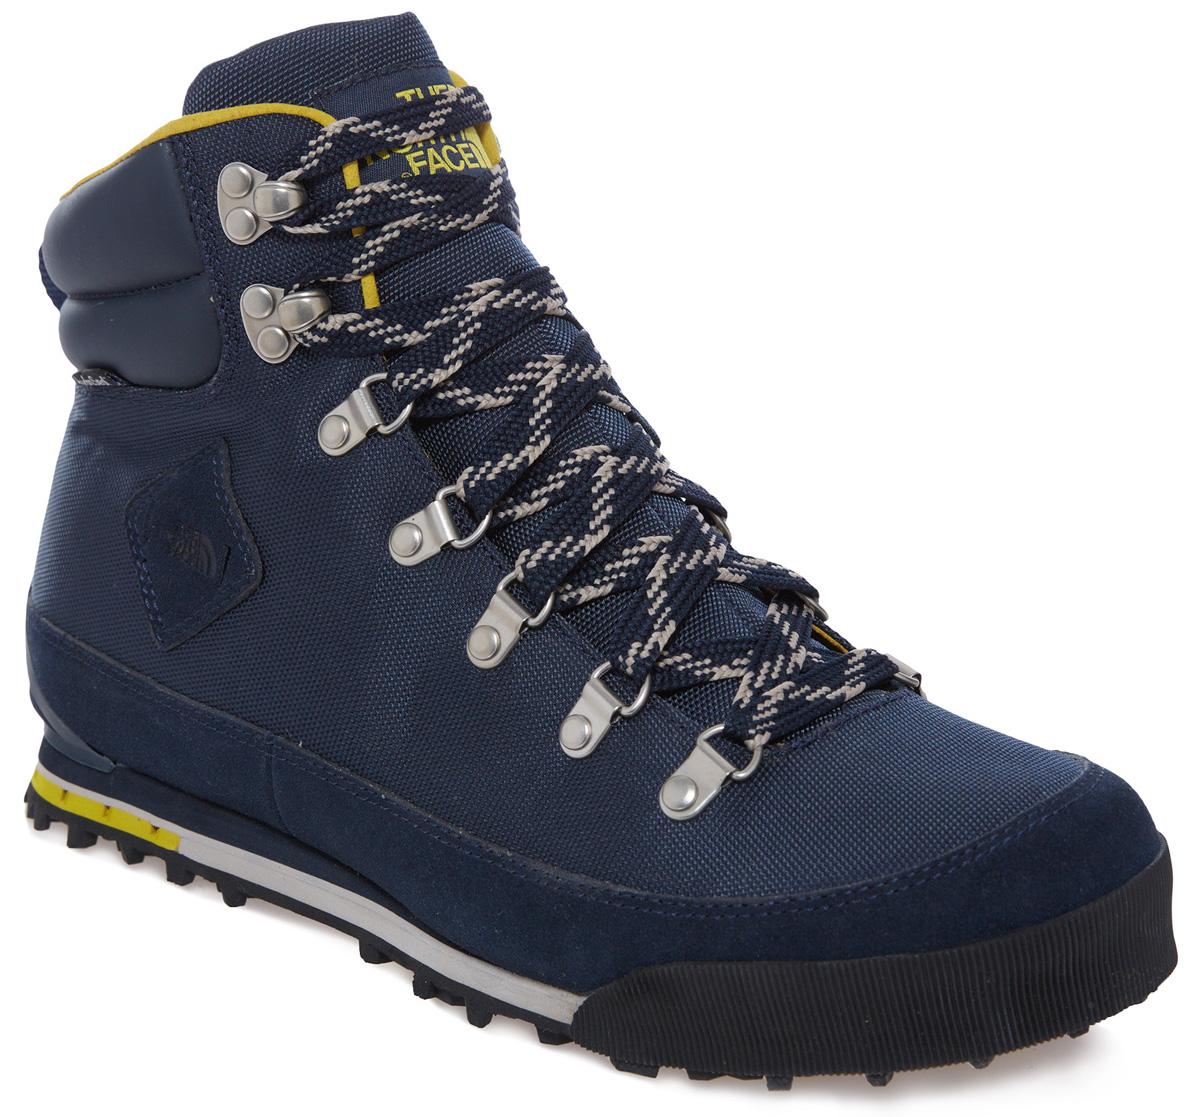 T0CKK4Q7BСтильные мужские ботинки Back-to-Berkeley NL от The North Face займут достойное место среди вашей коллекции обуви. Модель выполнена из плотного текстиля со вставками из искусственной кожи и натуральной замши. Изделие оформлено на язычке и сбоку фирменным логотипом. Мембрана Hydroseal обеспечивает водонепроницаемую защиту. Ярлычок на заднике облегчает надевание обуви. Шнуровка надежно фиксирует изделие. Стелька Ortholite из текстиля комфортна при ходьбе. Подкладка из мультиволокна PrimaLoft формирует устойчивую сетку воздушных мешков, которая удерживает тепло тела и не впускает холод. Подошва имеет чувствительные к температуре Icepick наконечники, которые обеспечивают хорошее сцепление с дорогой. Носочная и пяточная части дополнены защитными резиновыми вставками. В комплект к ботинкам входят дополнительные шнурки. Такие ботинки отлично подойдут для повседневного использования. Они подчеркнут ваш стиль и индивидуальность.